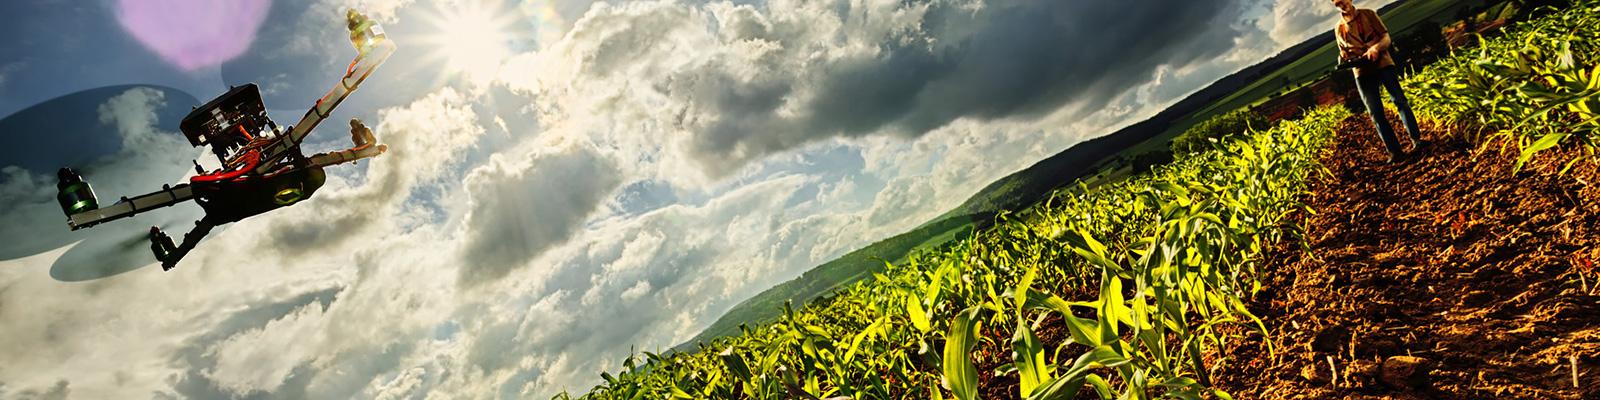 ドローン 農業 イメージ